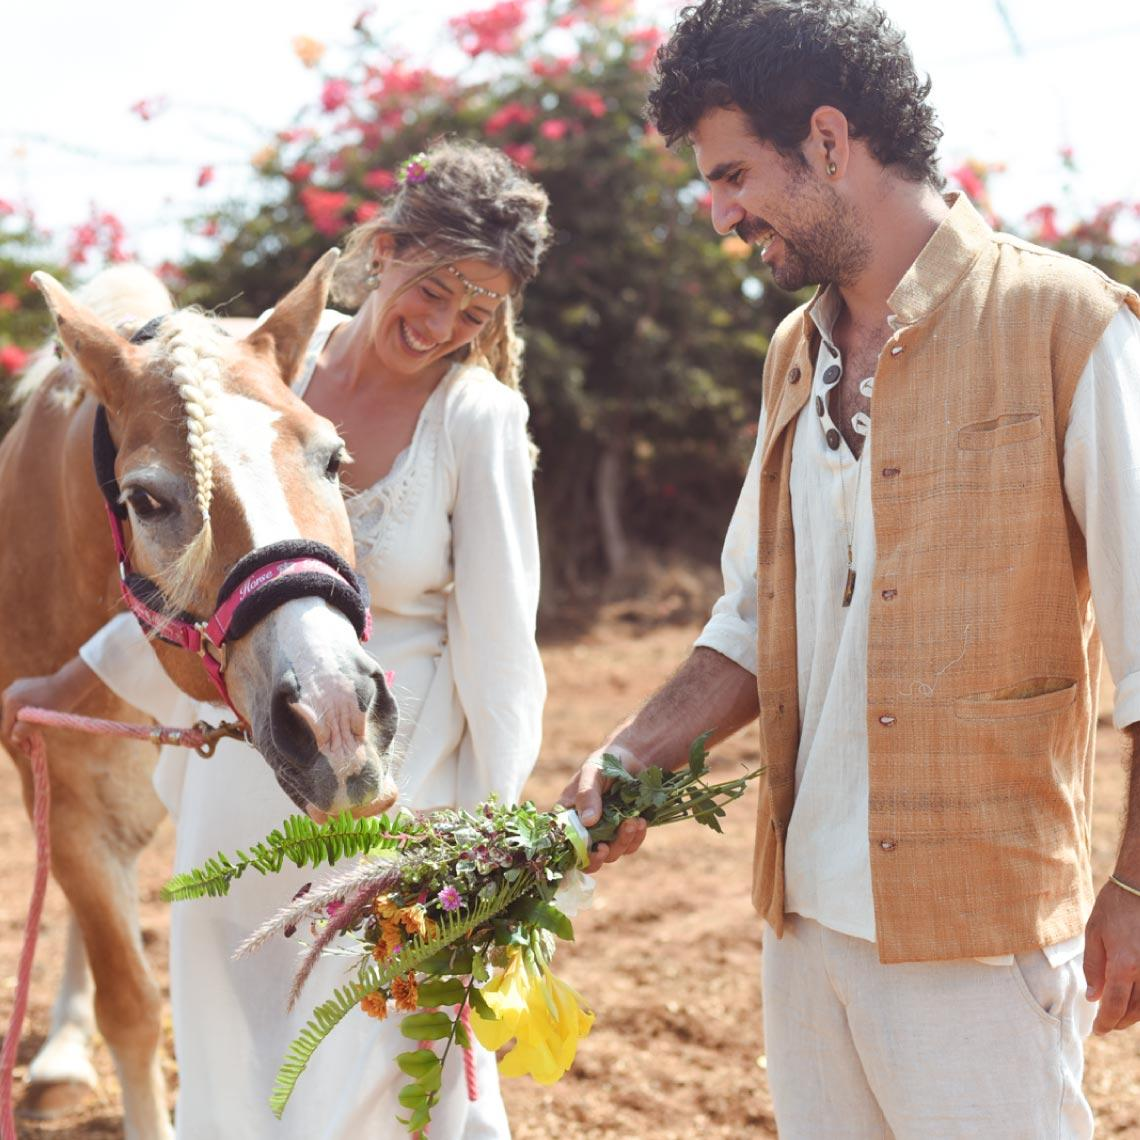 חתונה בחוות סוסים - מרפסת בטבע